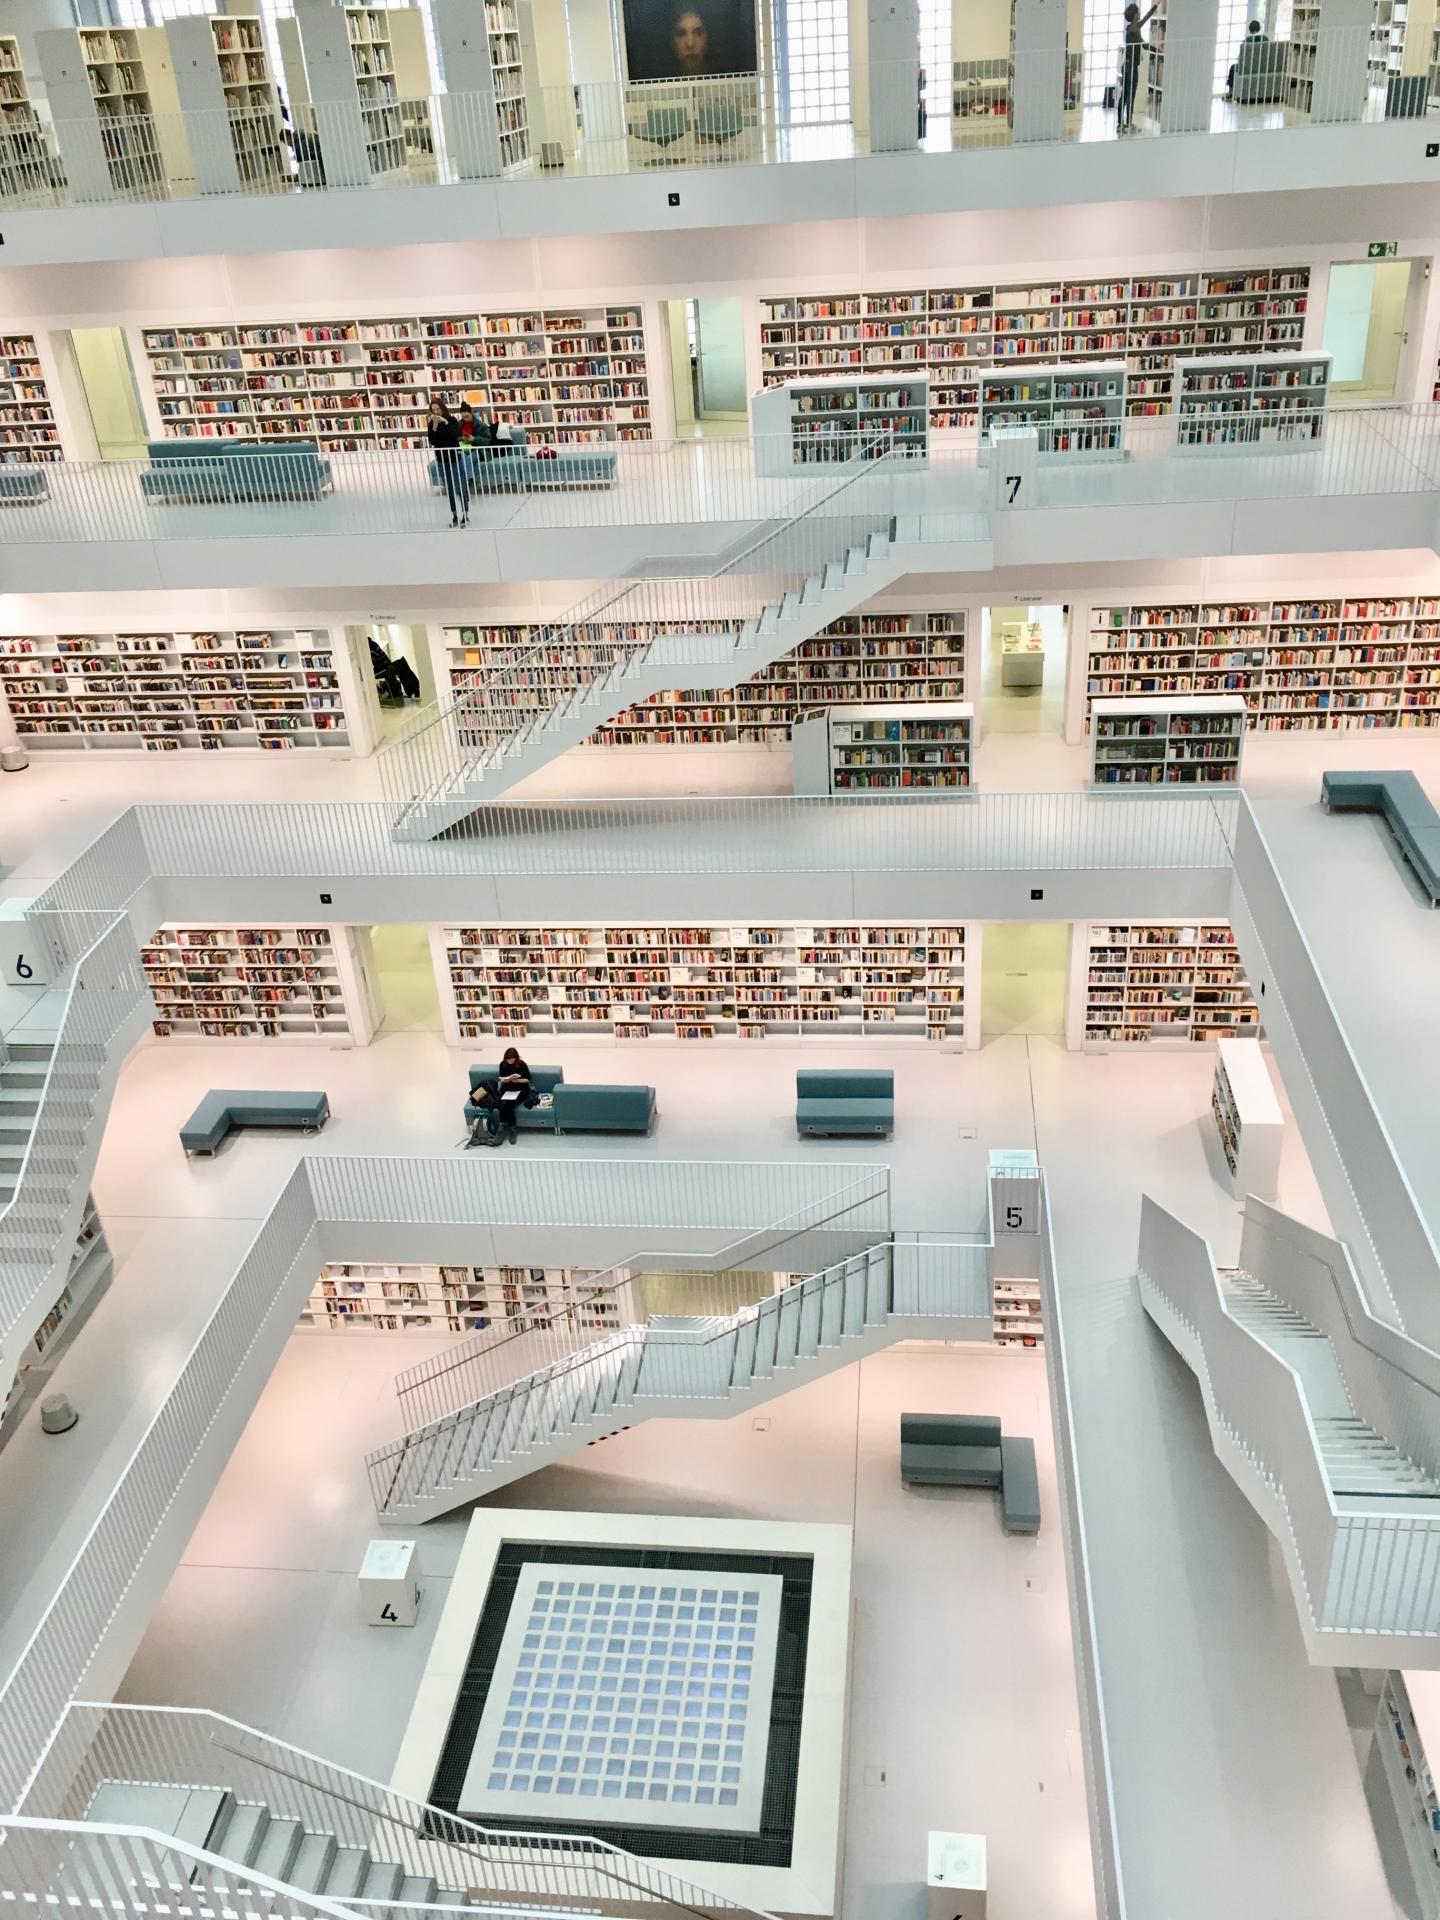 Bibliothek im Stuttgarter Europaviertel